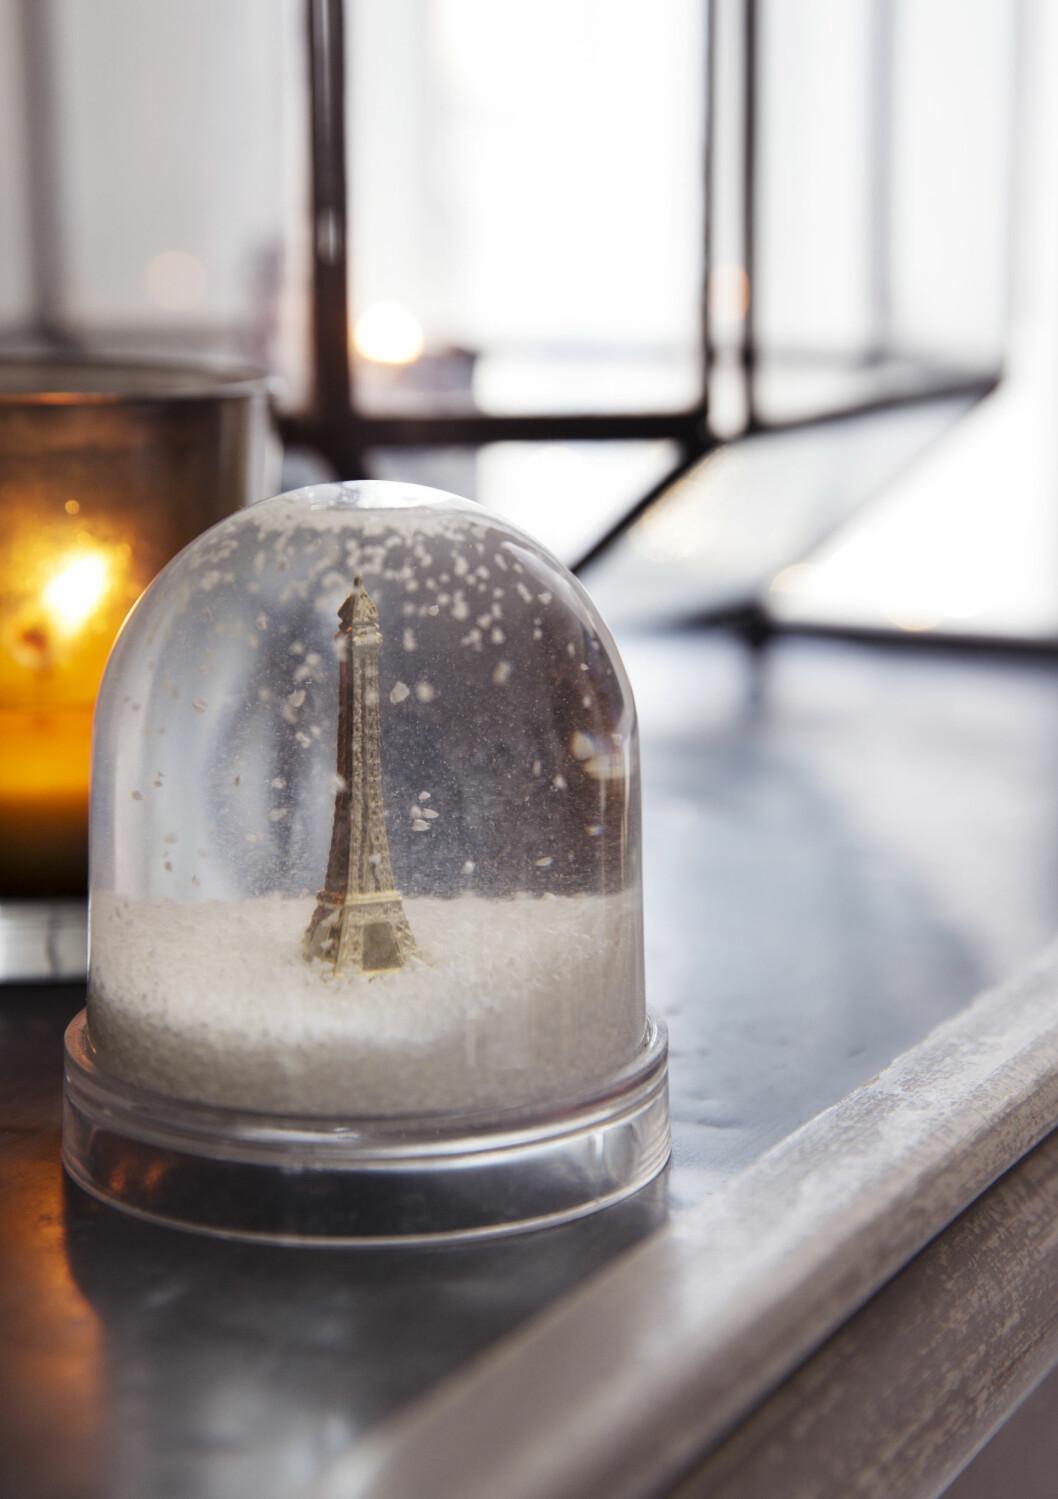 FRANSK JUL: – Jeg er så glad i Paris, så jeg måtte bare ha denne snøkulen med Eiffeltårnet fra Eske interiør, sier Tone. Foto: Yvonne Wilhelmsen